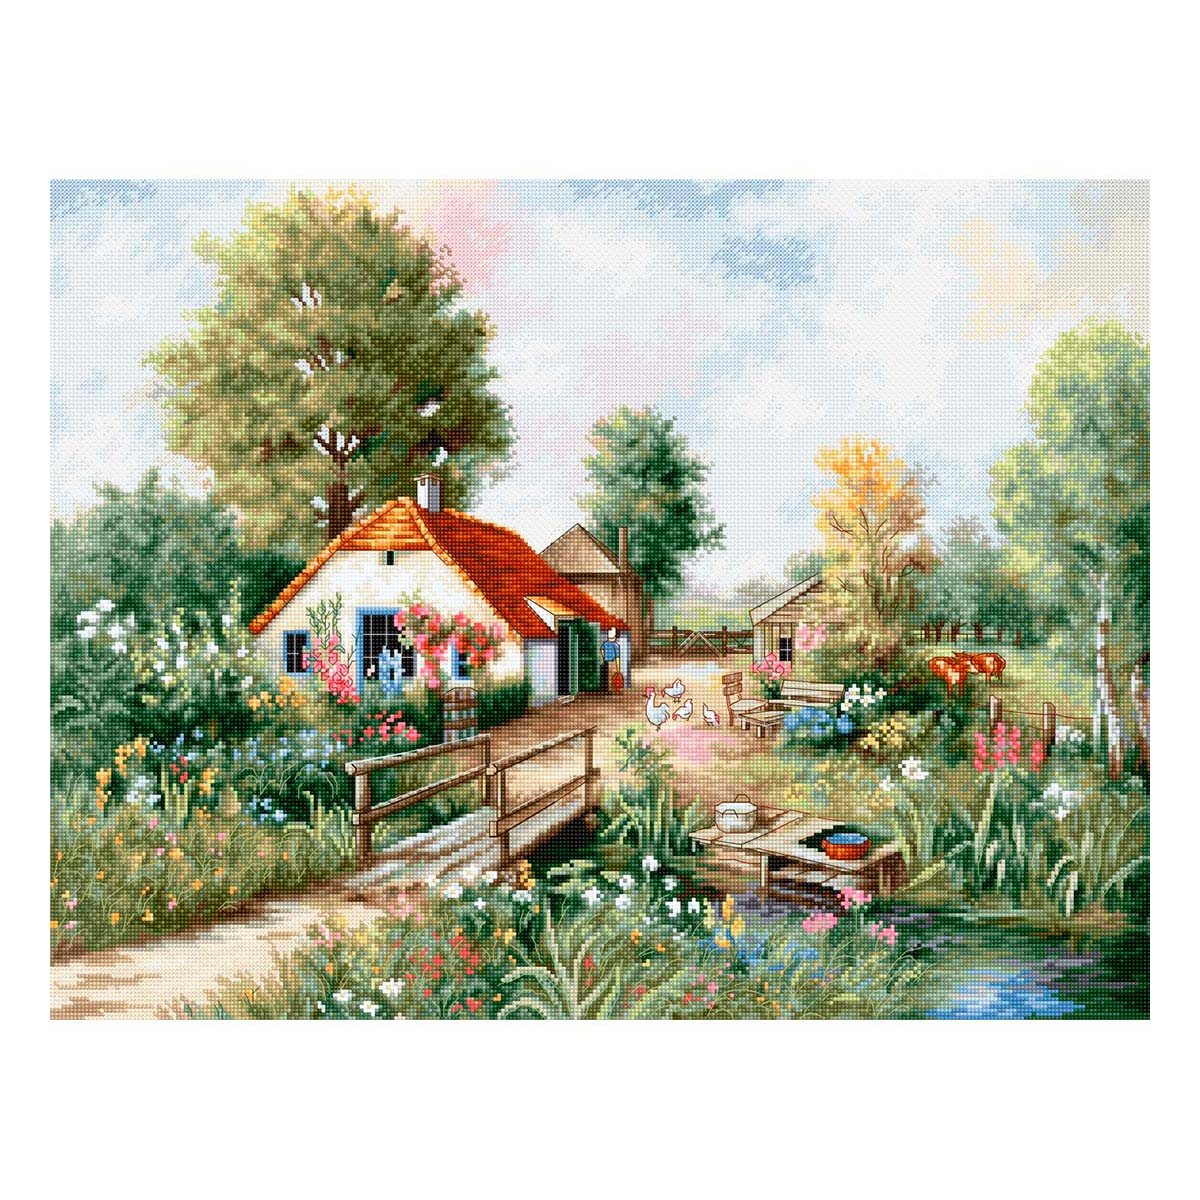 BU4011 Набор для вышивания 'Деревенский пейзаж' 46*35см, Luca-S